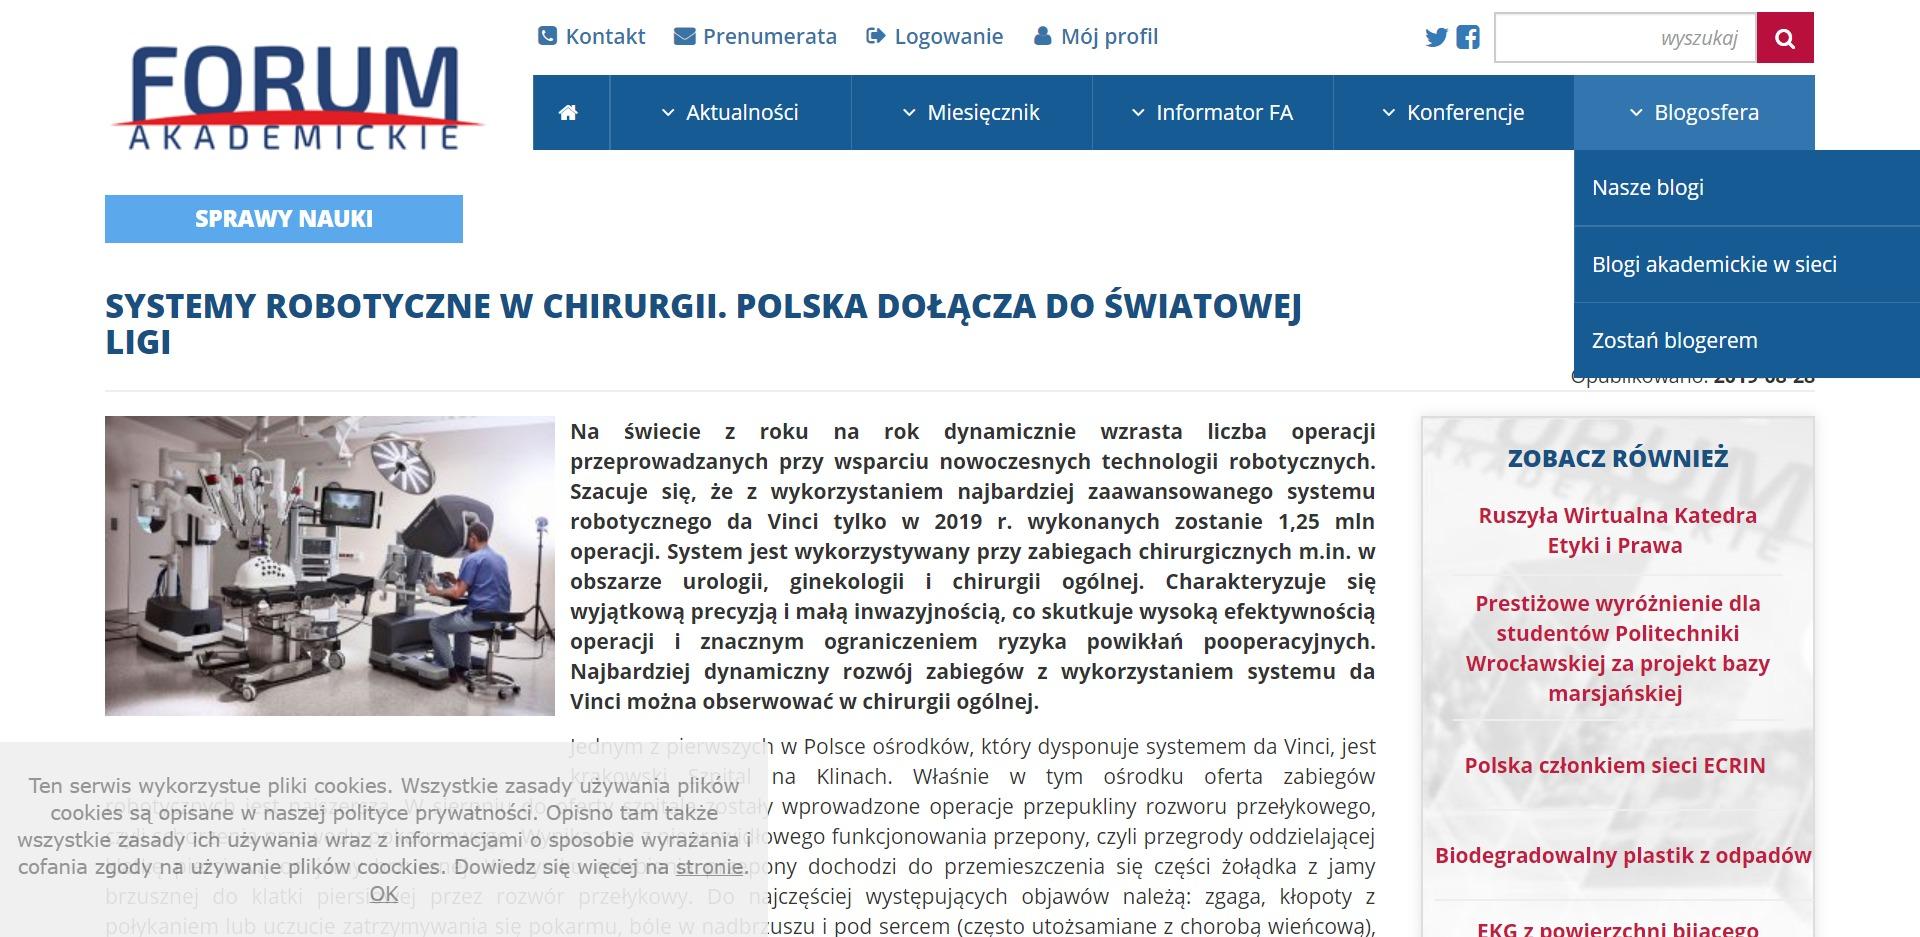 systemy robotyczne w chirurgii. polska dołącza do światowej ligi